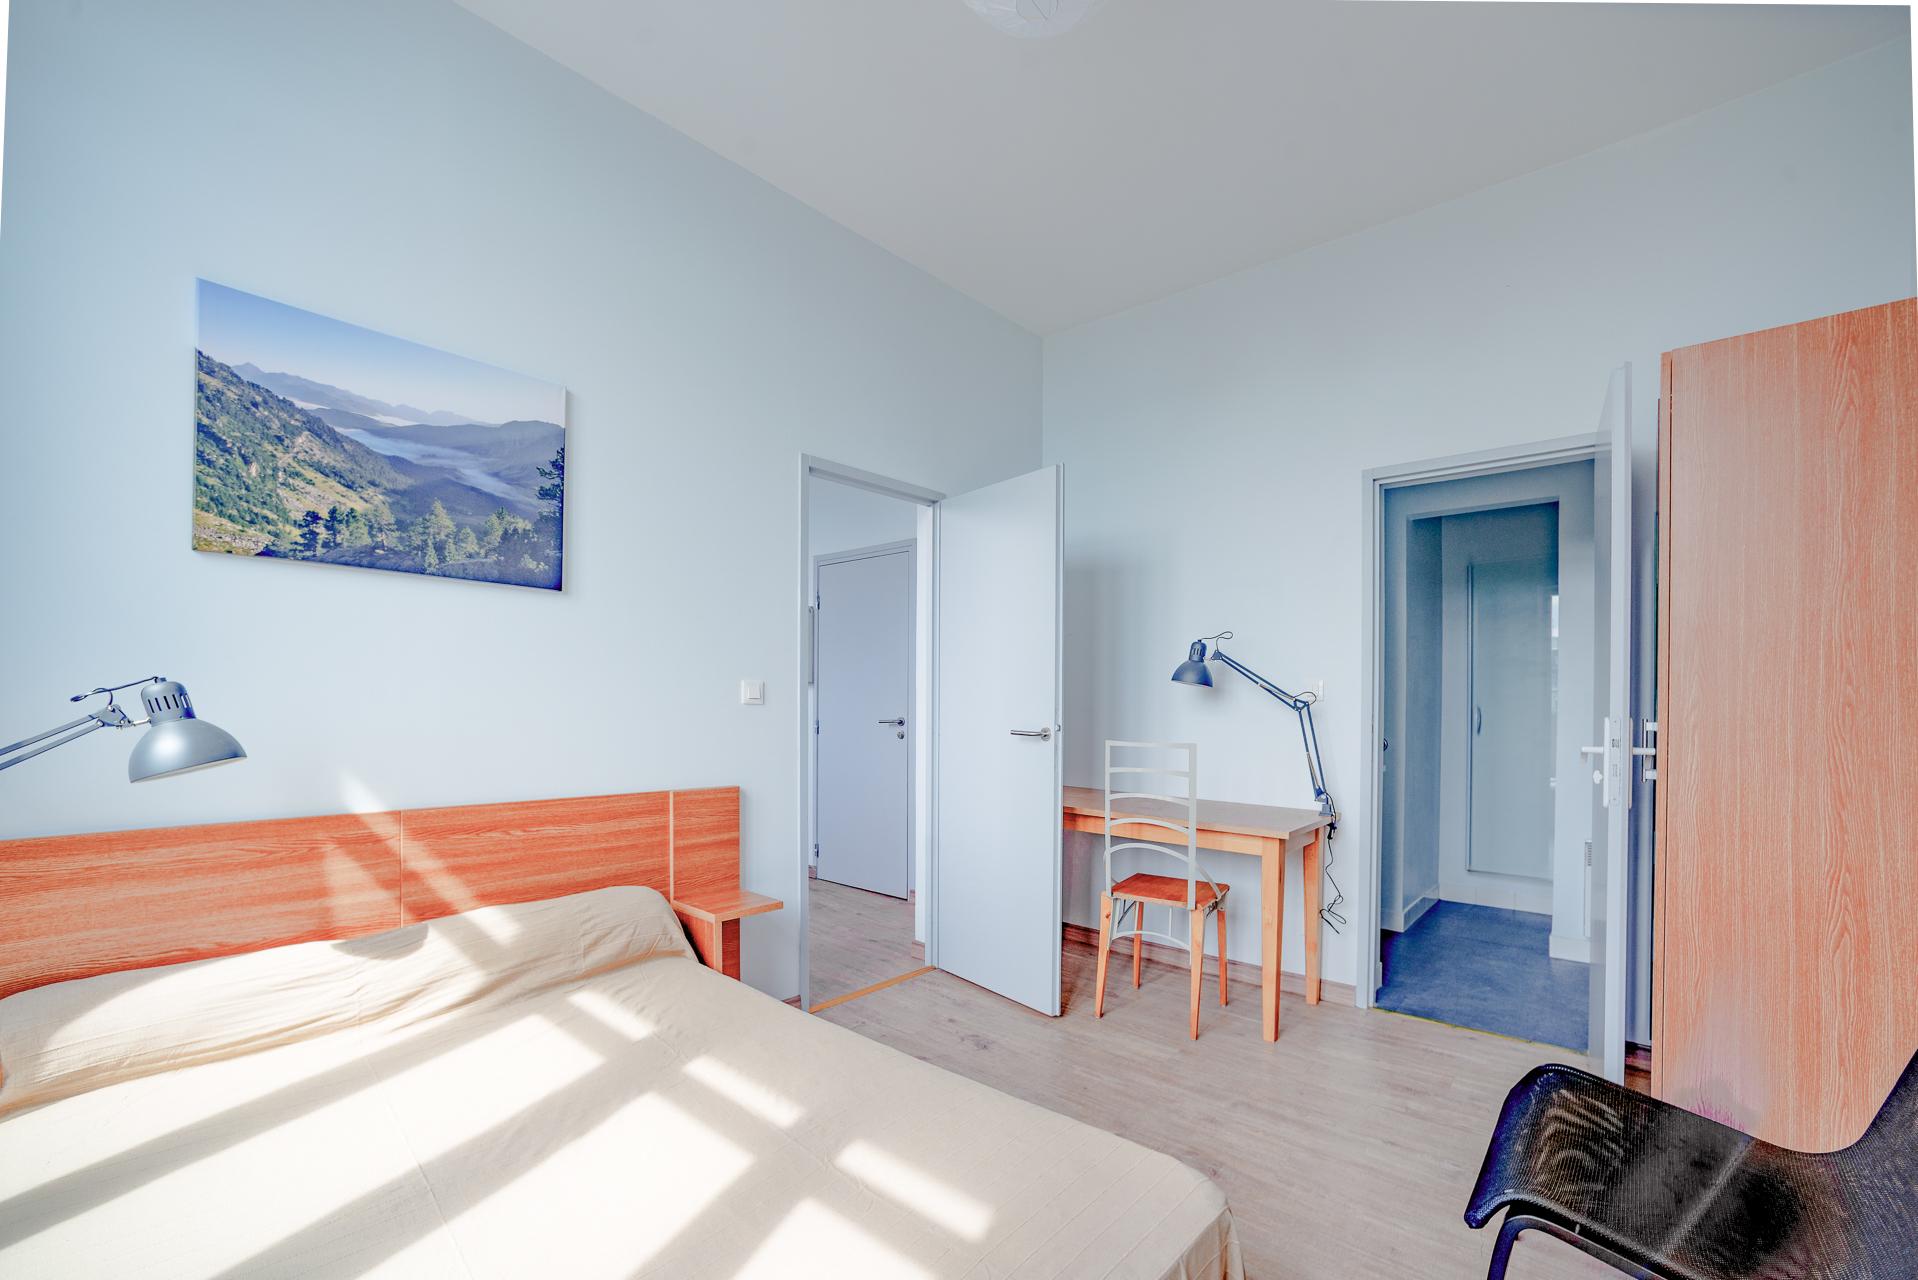 Bedroom Studio 207 Desk